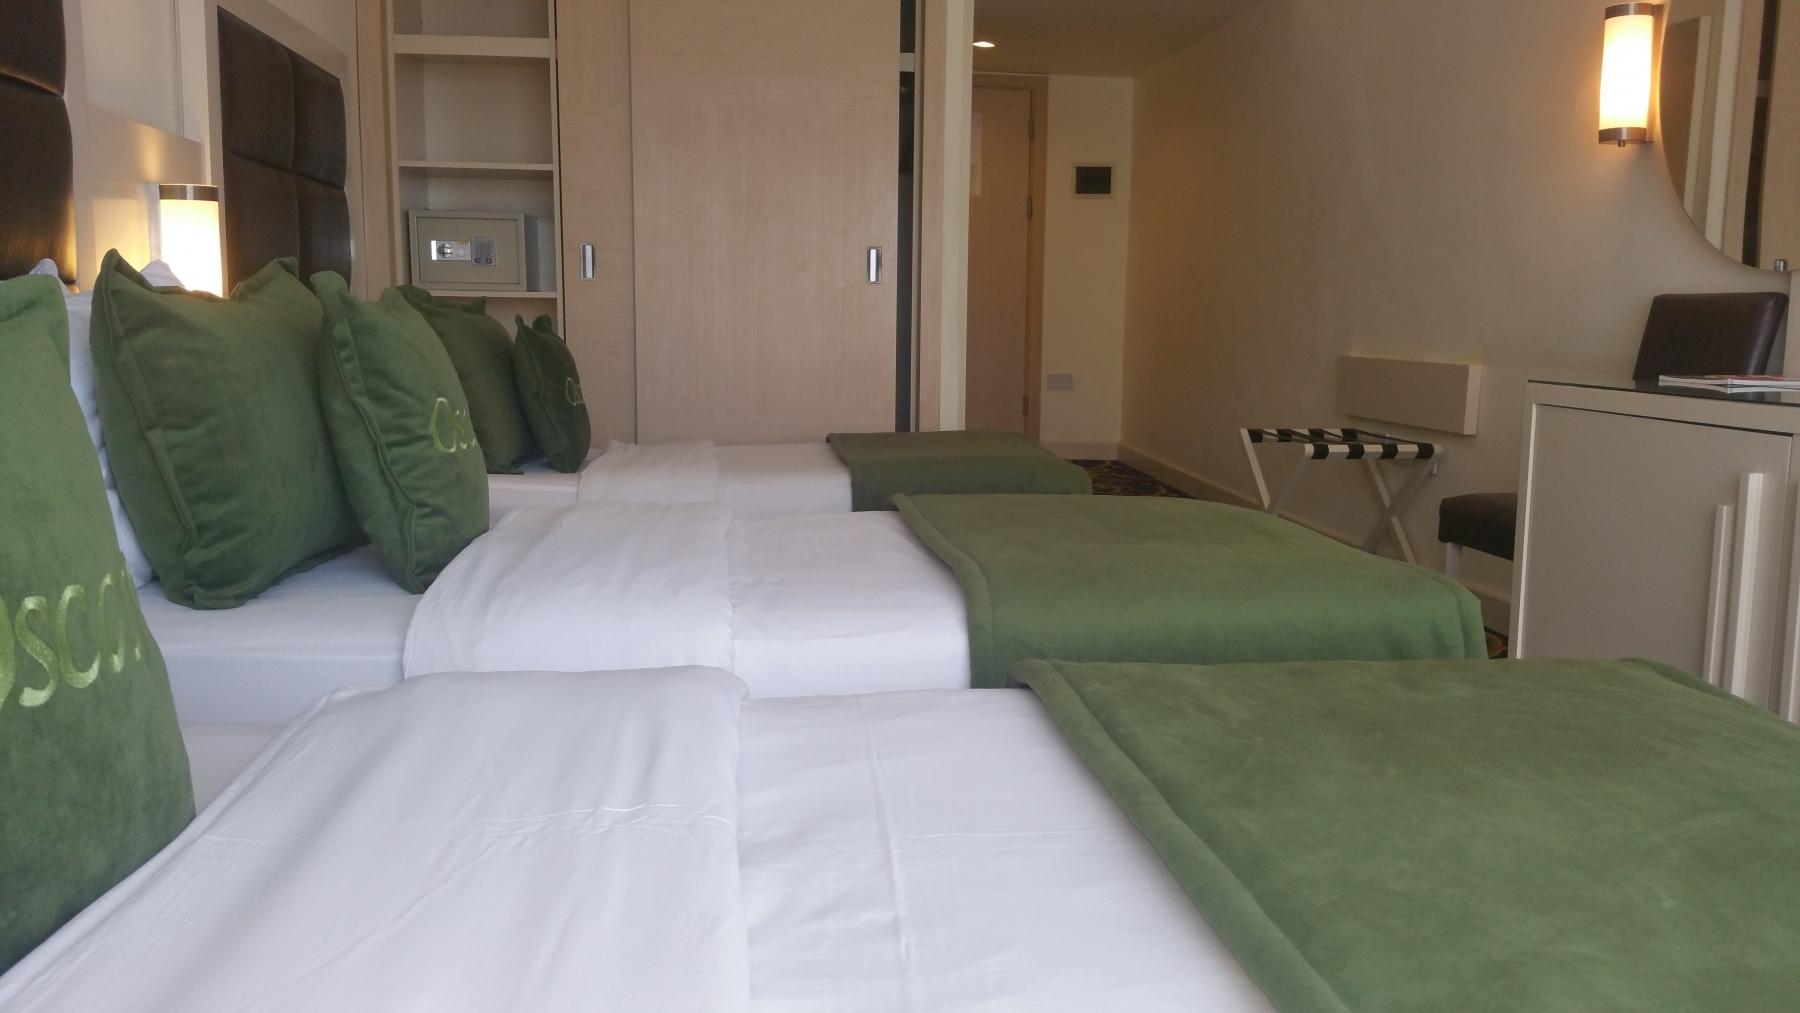 hotel-trp-bedroom-2